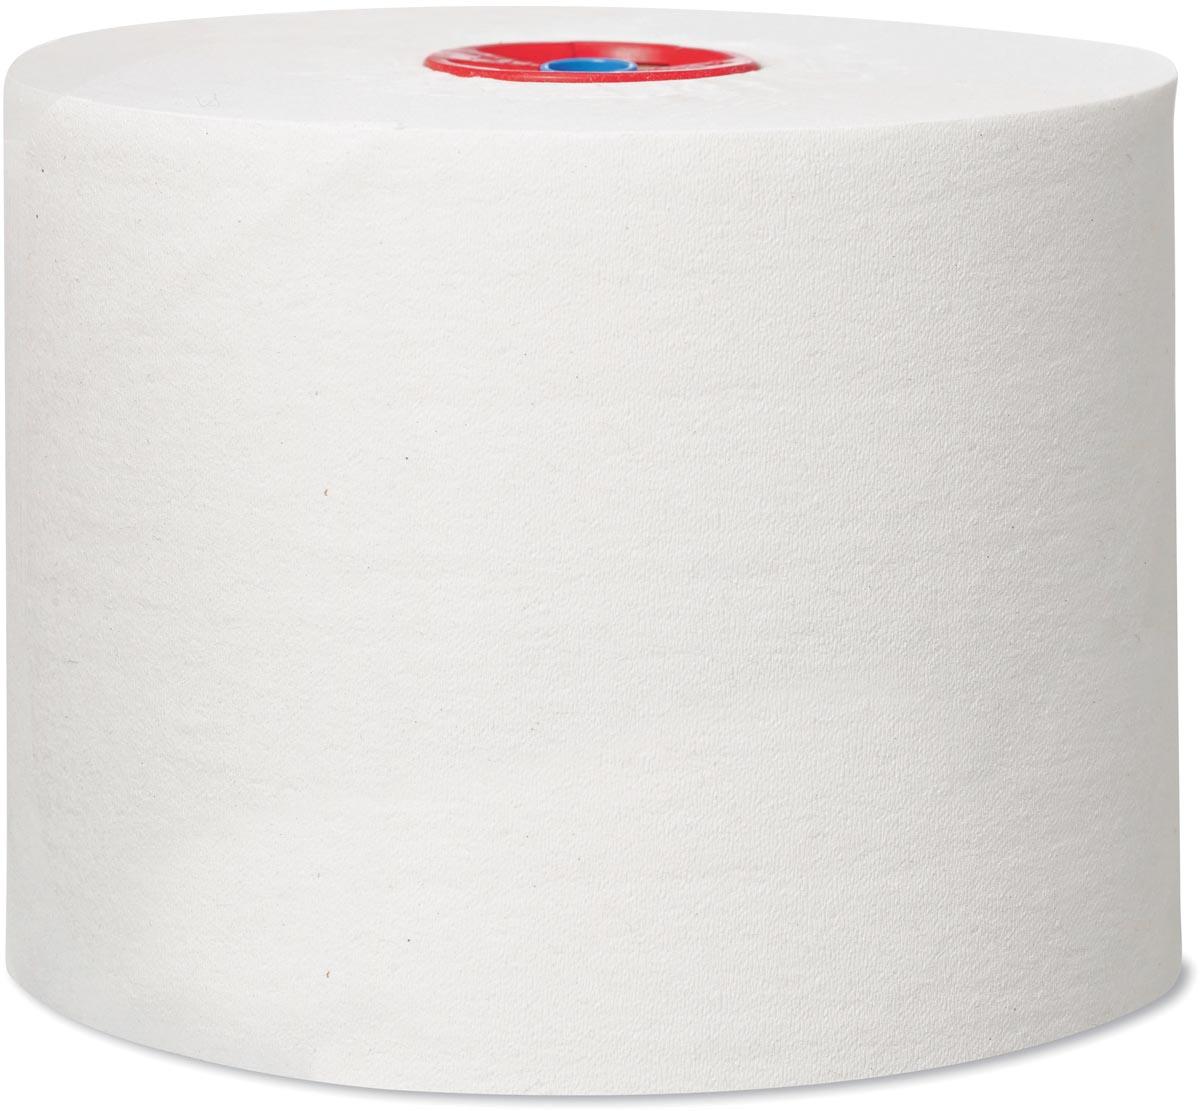 Tork toiletpapier Mid-Size, 1-laags, 135 meter, systeem T6, pak van 27 rollen